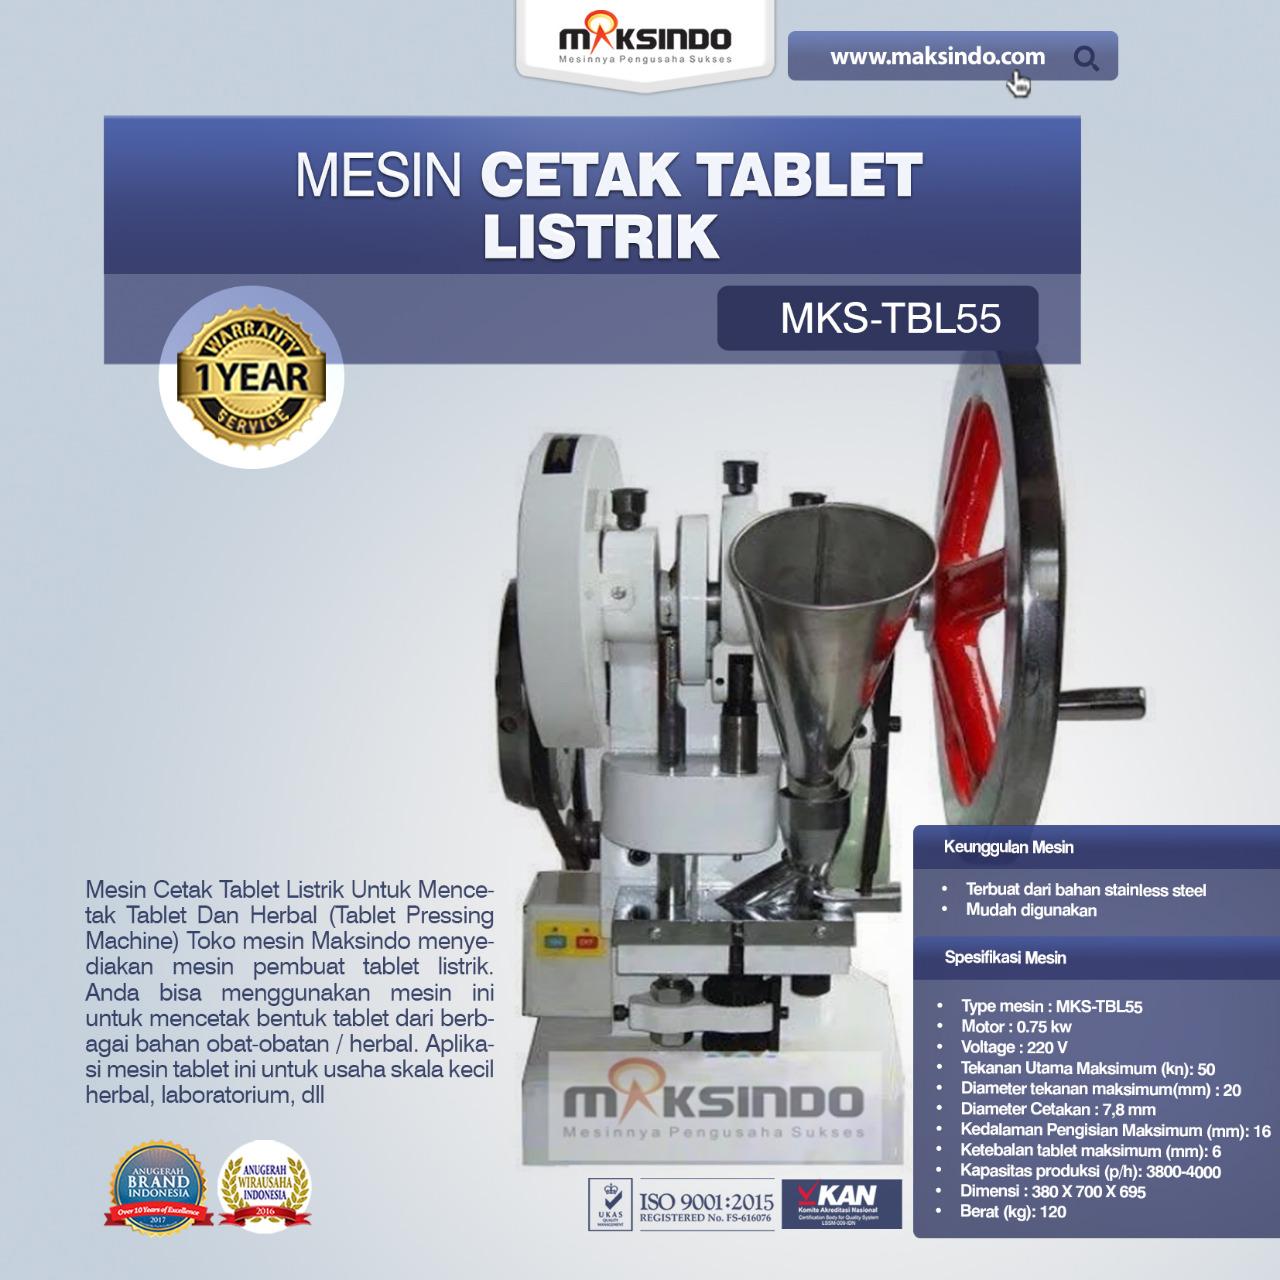 Jual Mesin Cetak Tablet Listrik – TBL55 di Bali